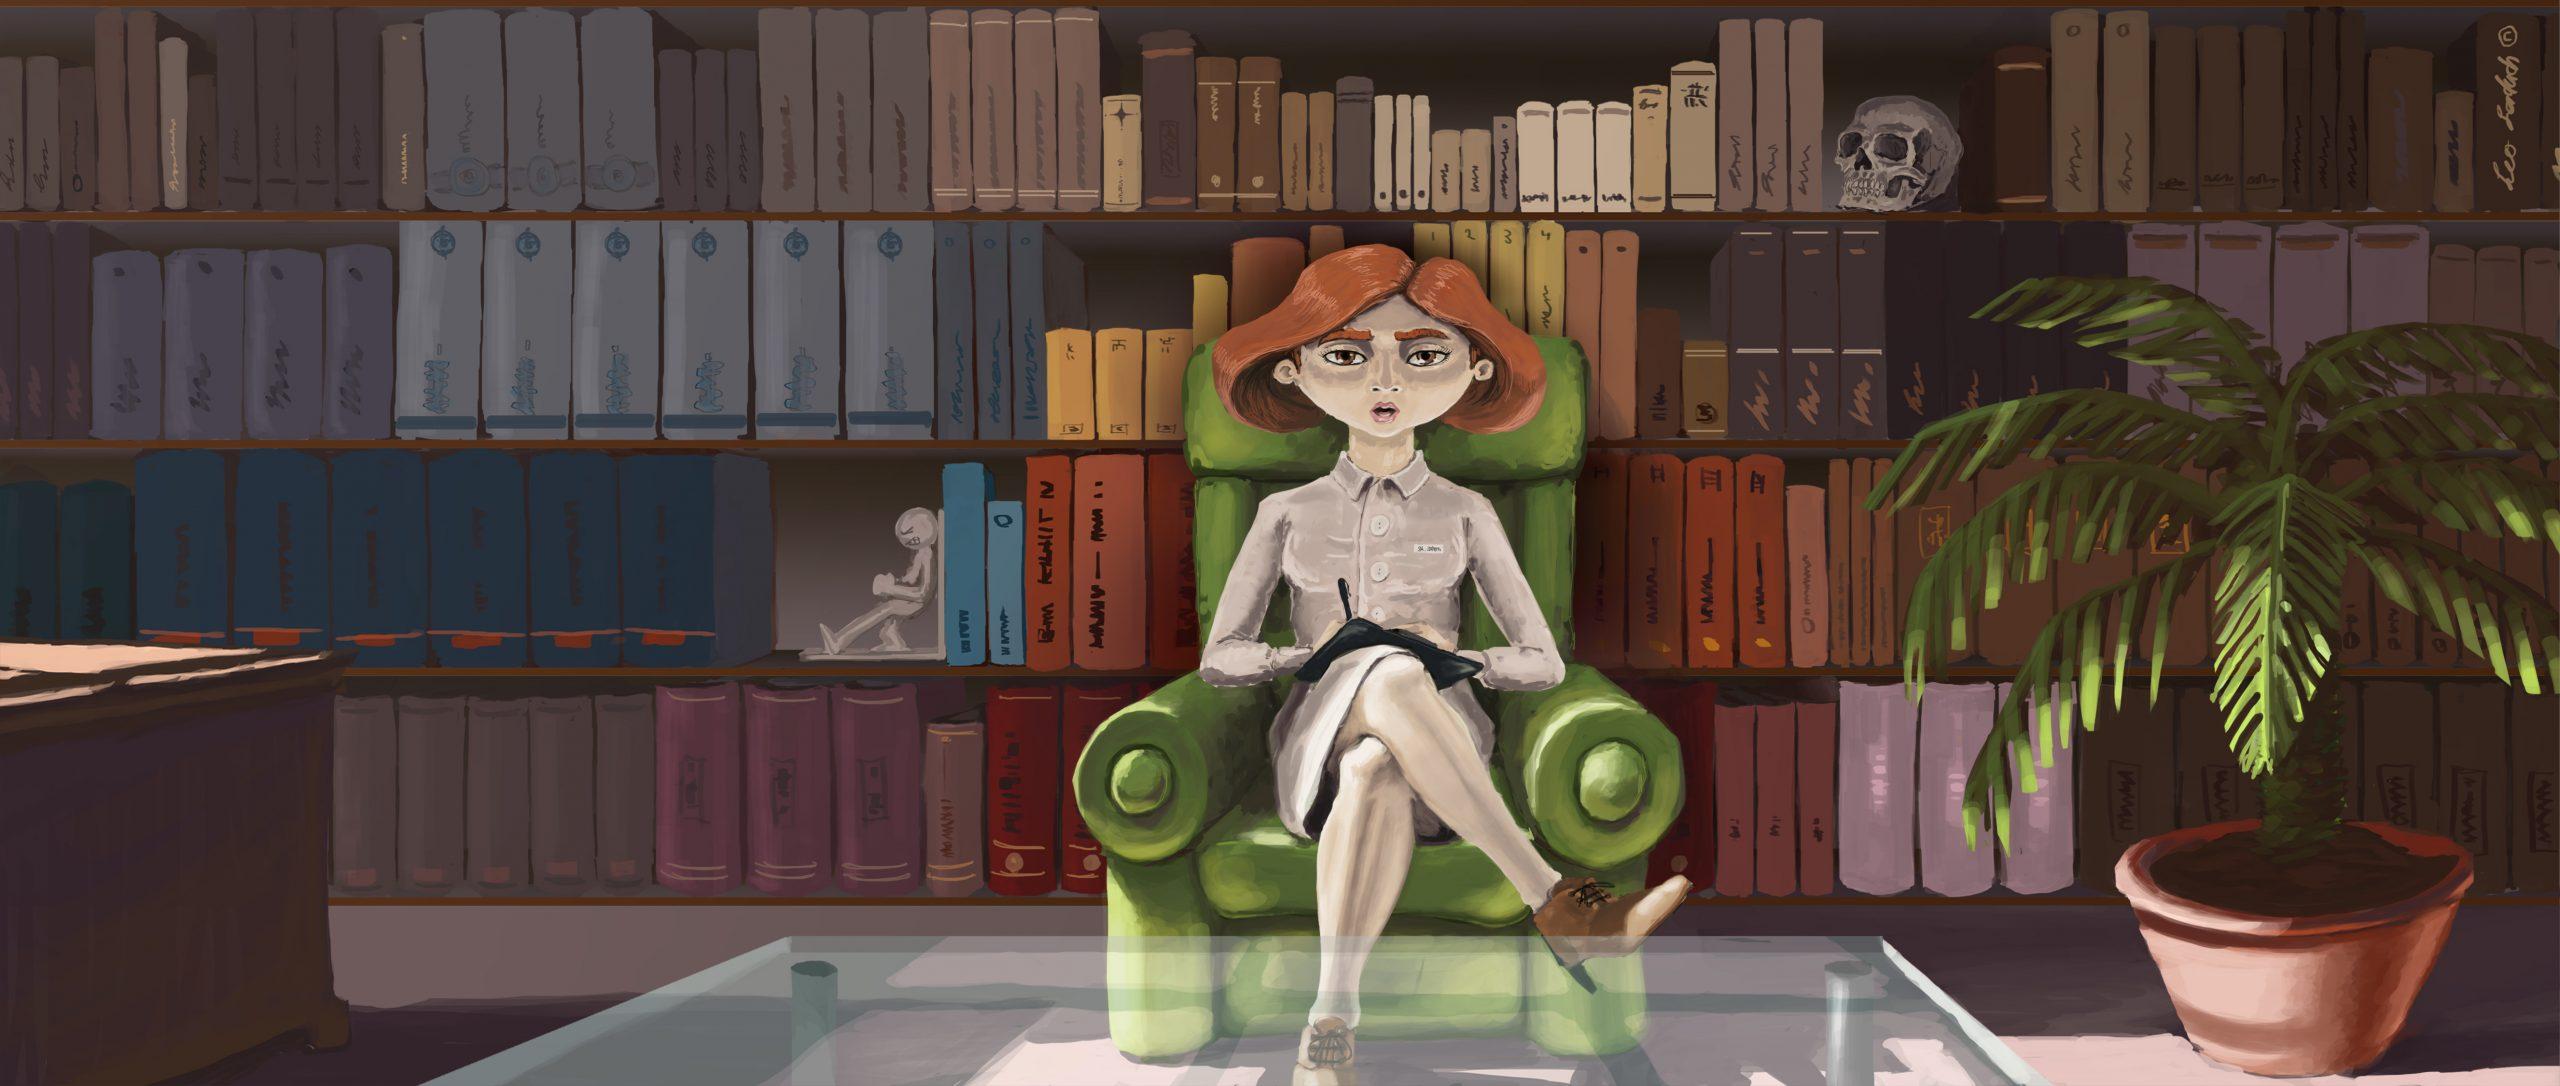 Die Therapeutin vor einem mächtigen Bücherregal